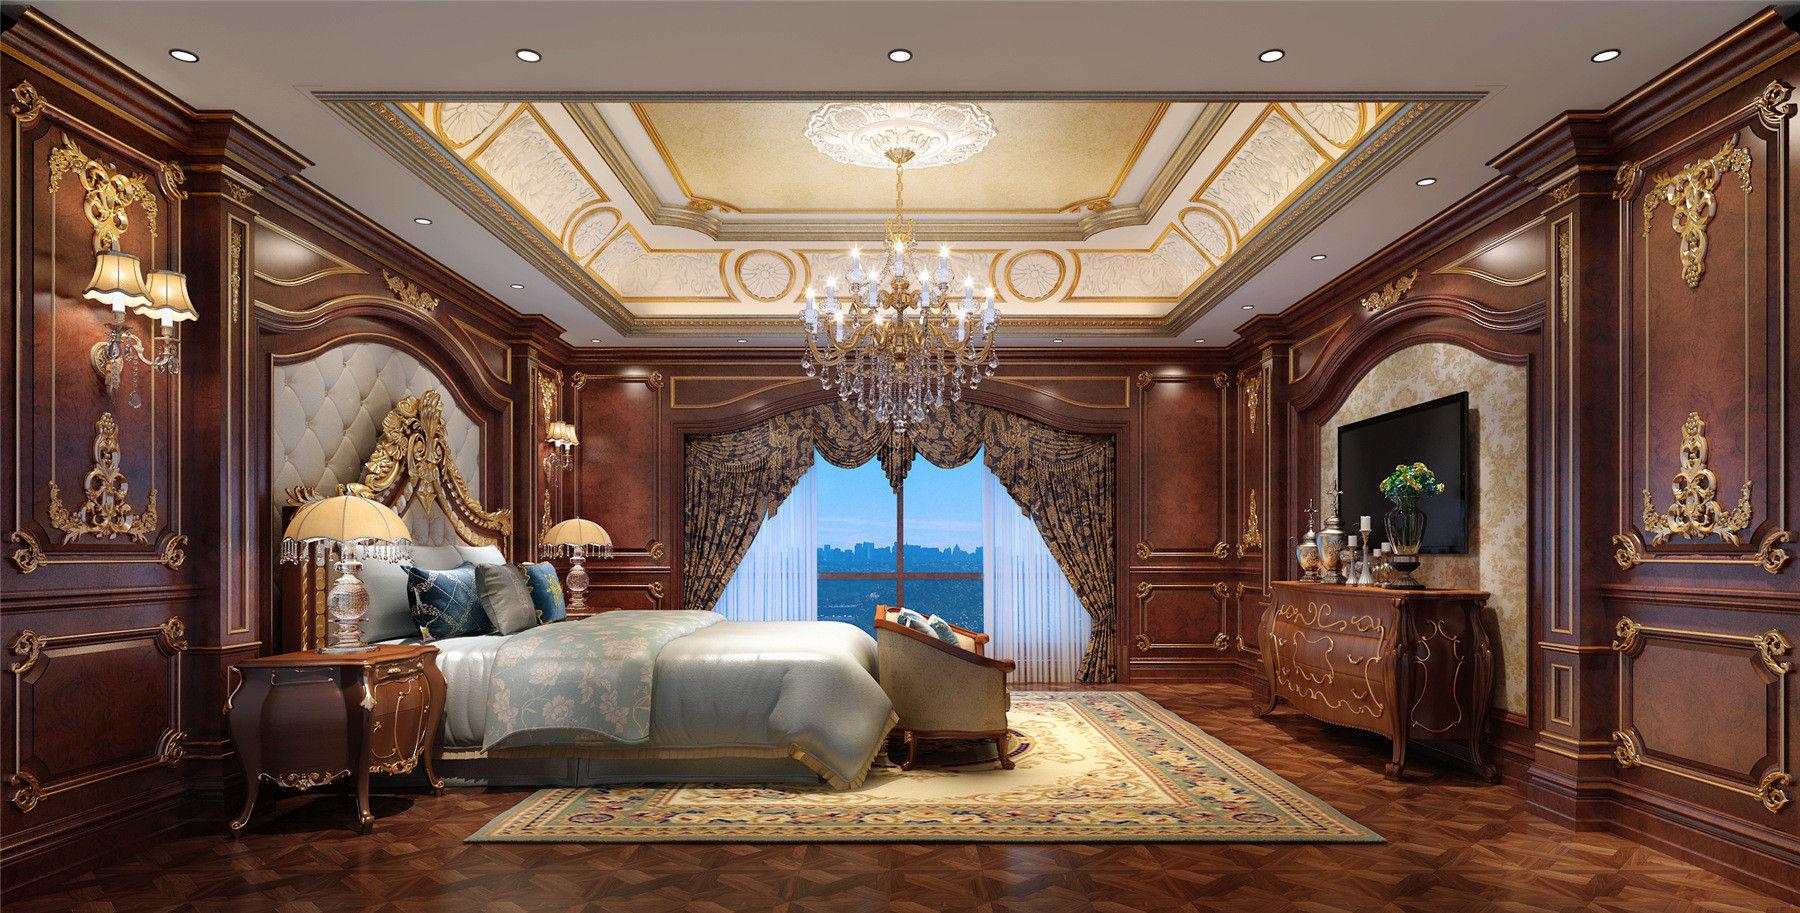 别墅装修 欧式古典 腾龙设计 郭建作品 卧室图片来自孔继民在1300平别墅装修欧式古典风格设计的分享